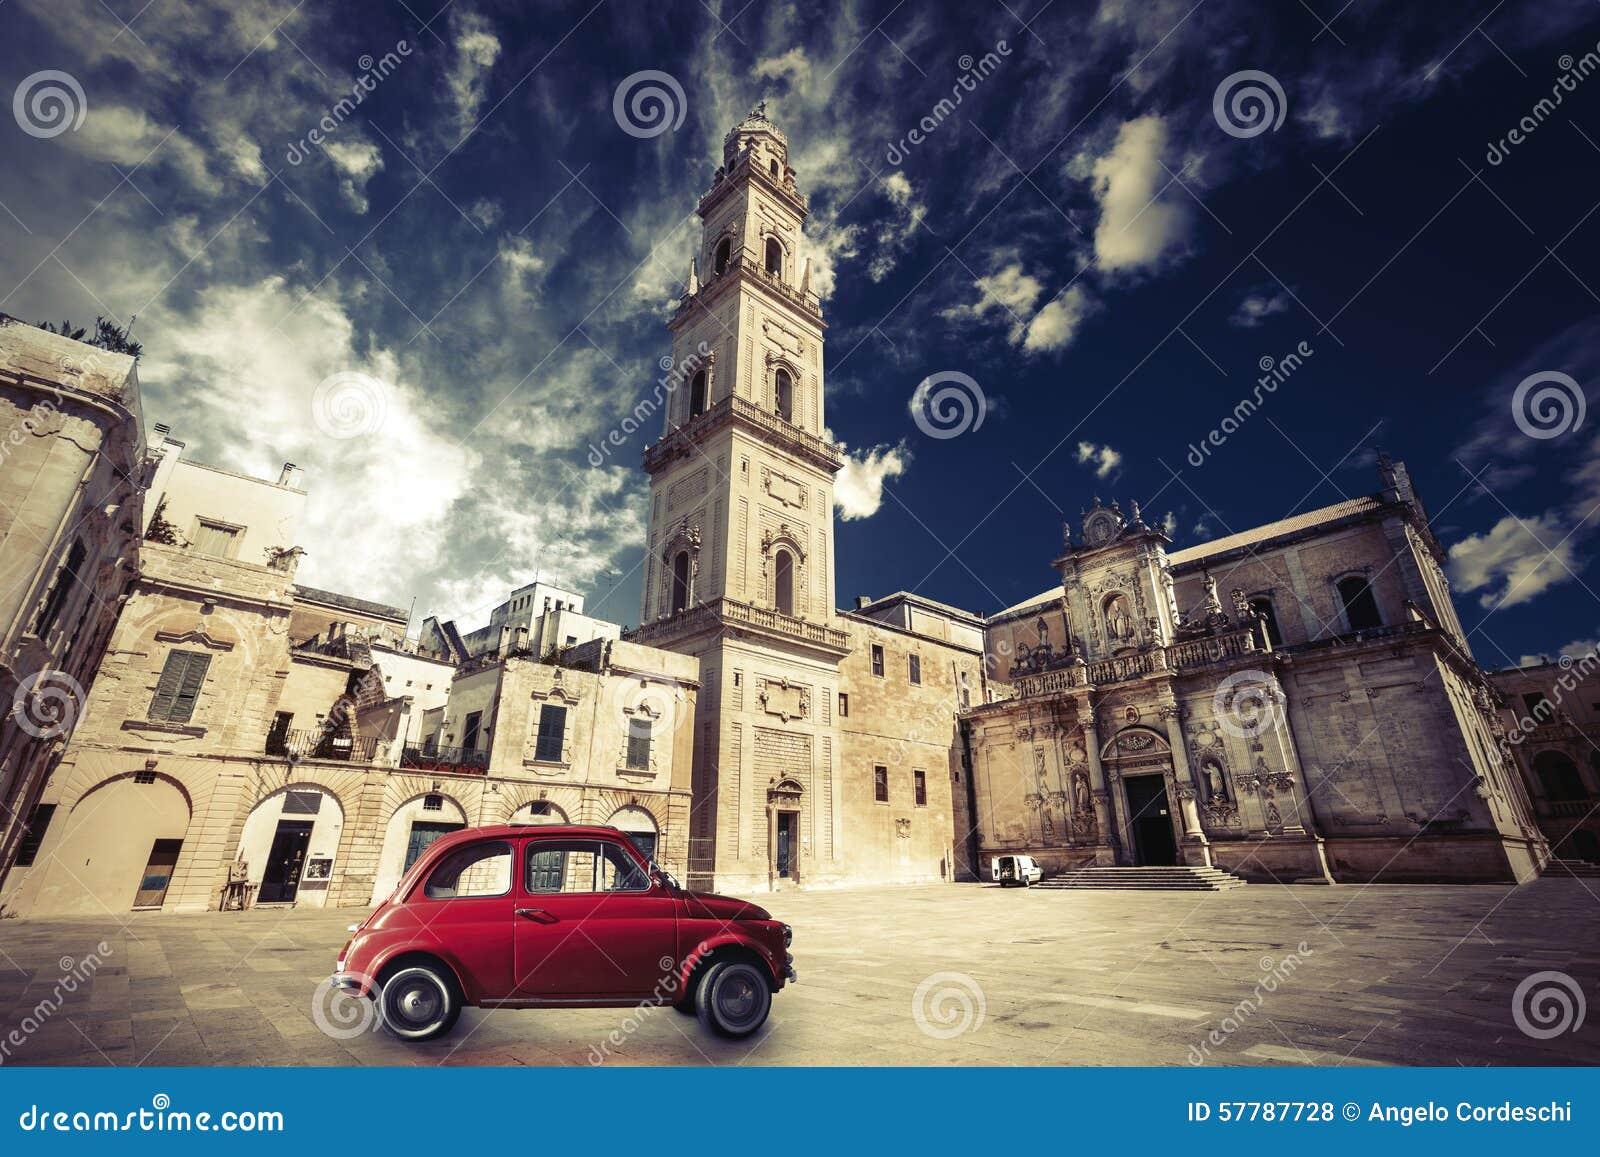 Italienische Szene der Weinlese, eine alte Kirche mit einem Glockenturm und altes kleines rotes Auto